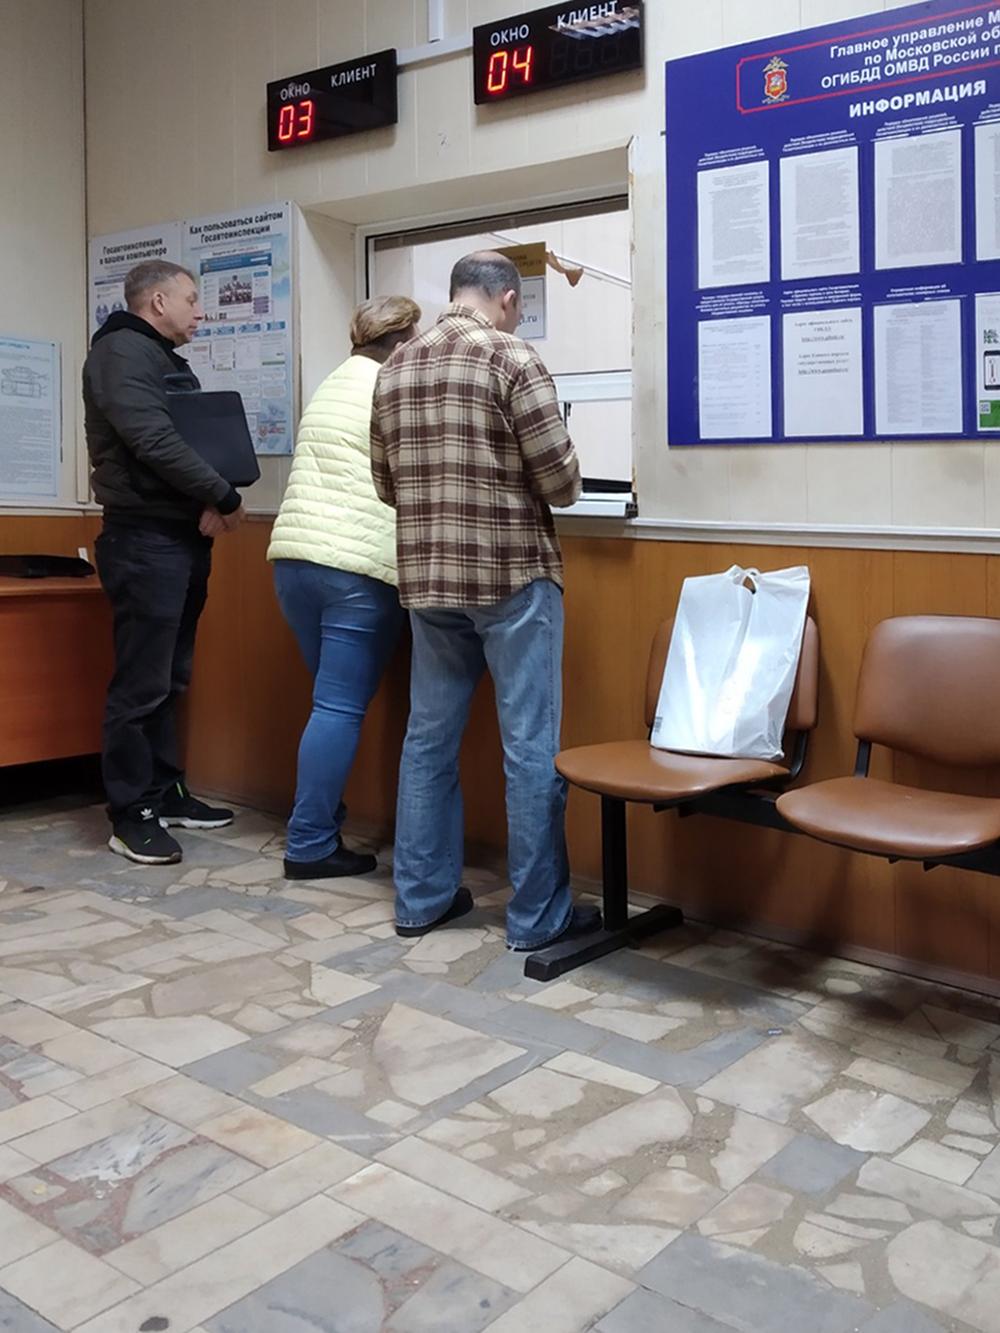 Чтобы получить документы, необходимо подождать всего 15 минут